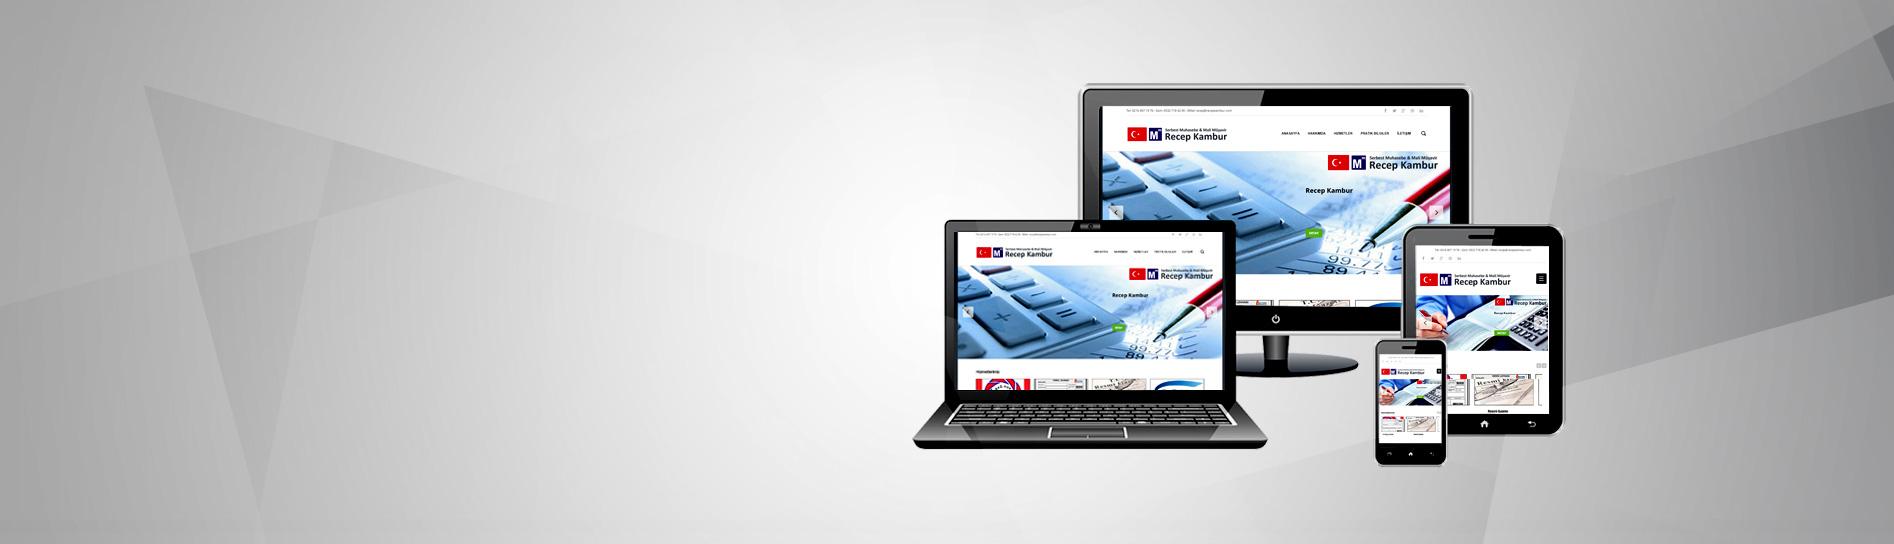 Mobil Uyumlu<br /> Avukat Web Sitesi